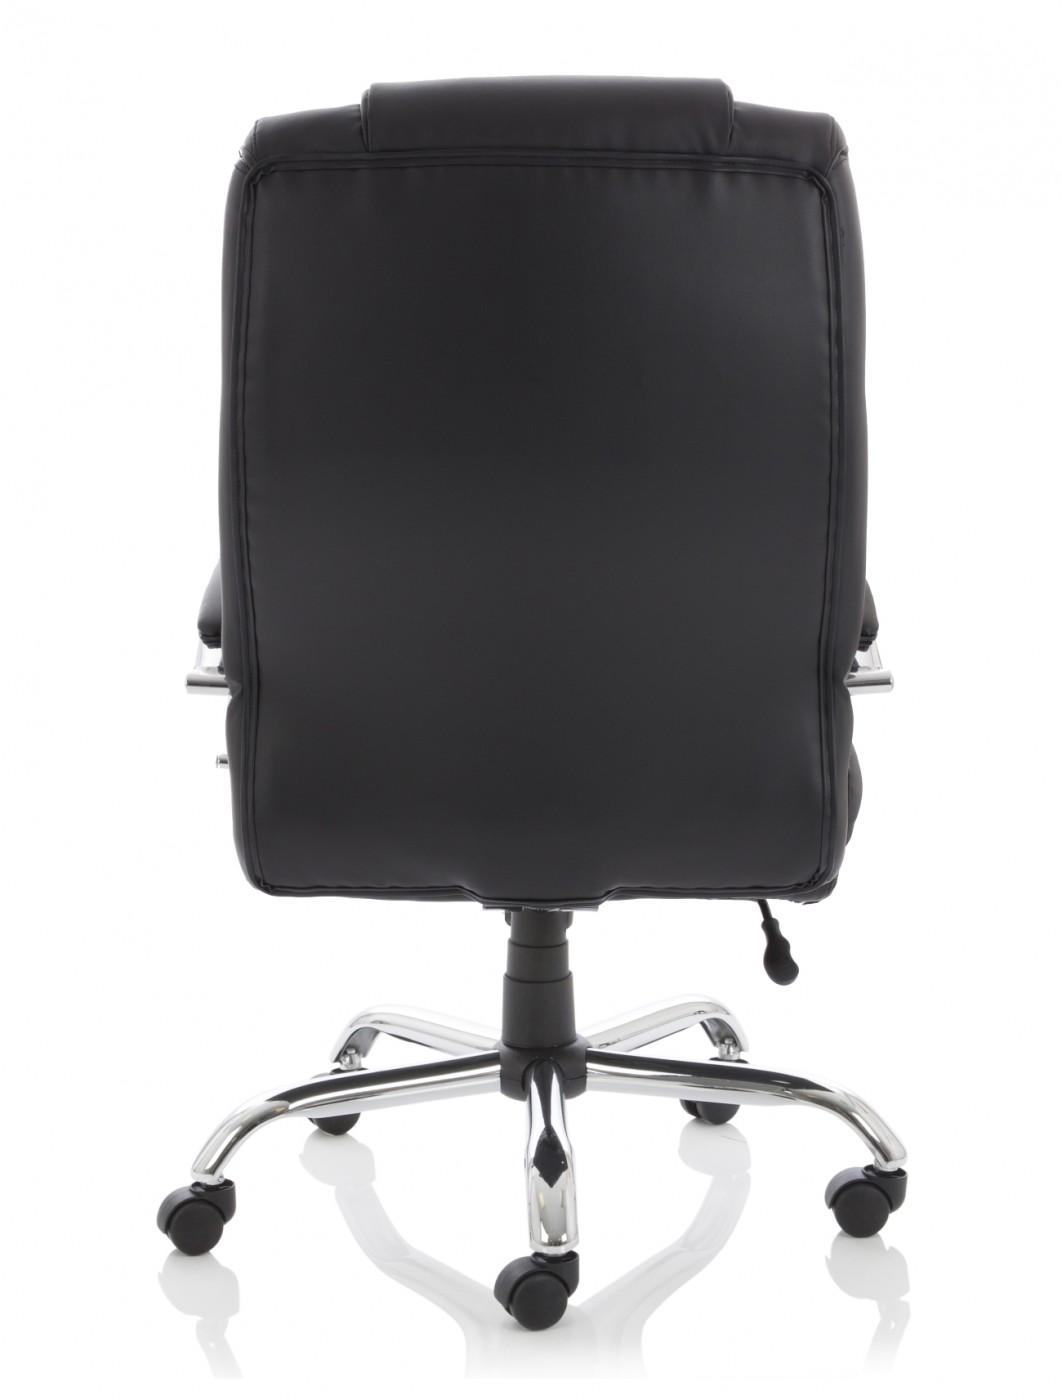 Dynamic Texas Hd Heavy Duty Executive Leather Office Chair